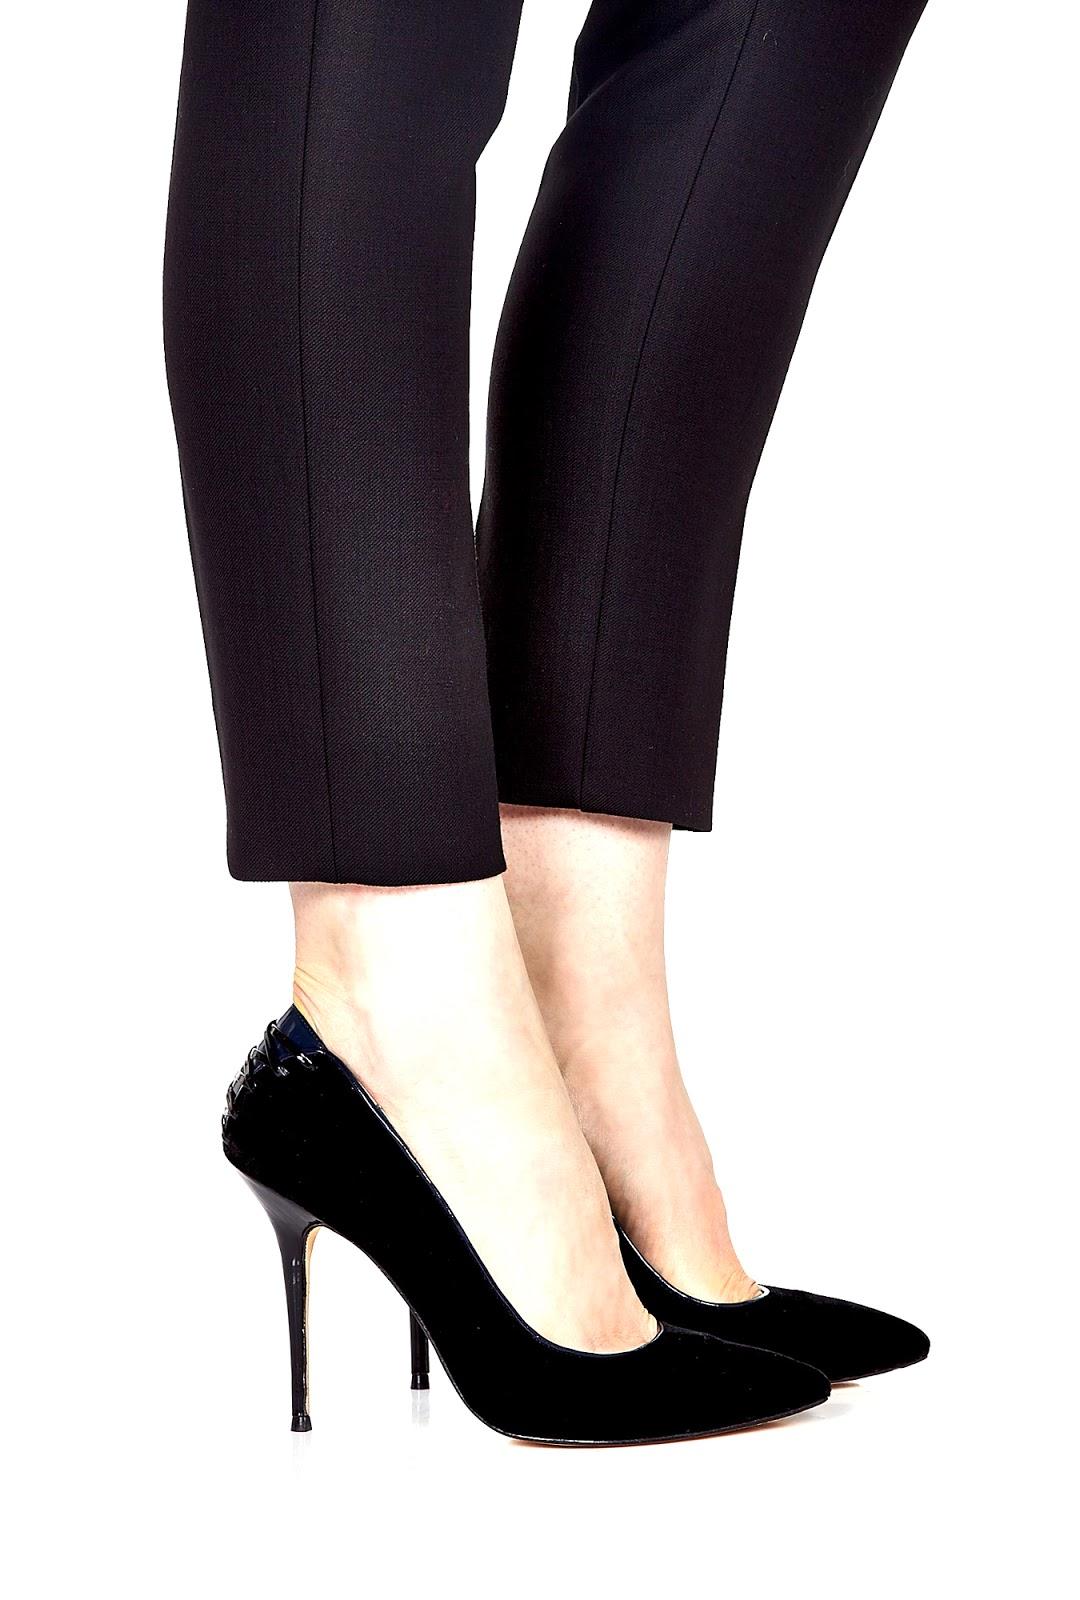 c9af51510612 DESIGNER SPOTLIGHT   LUCY CHOI - Reed Fashion Blog